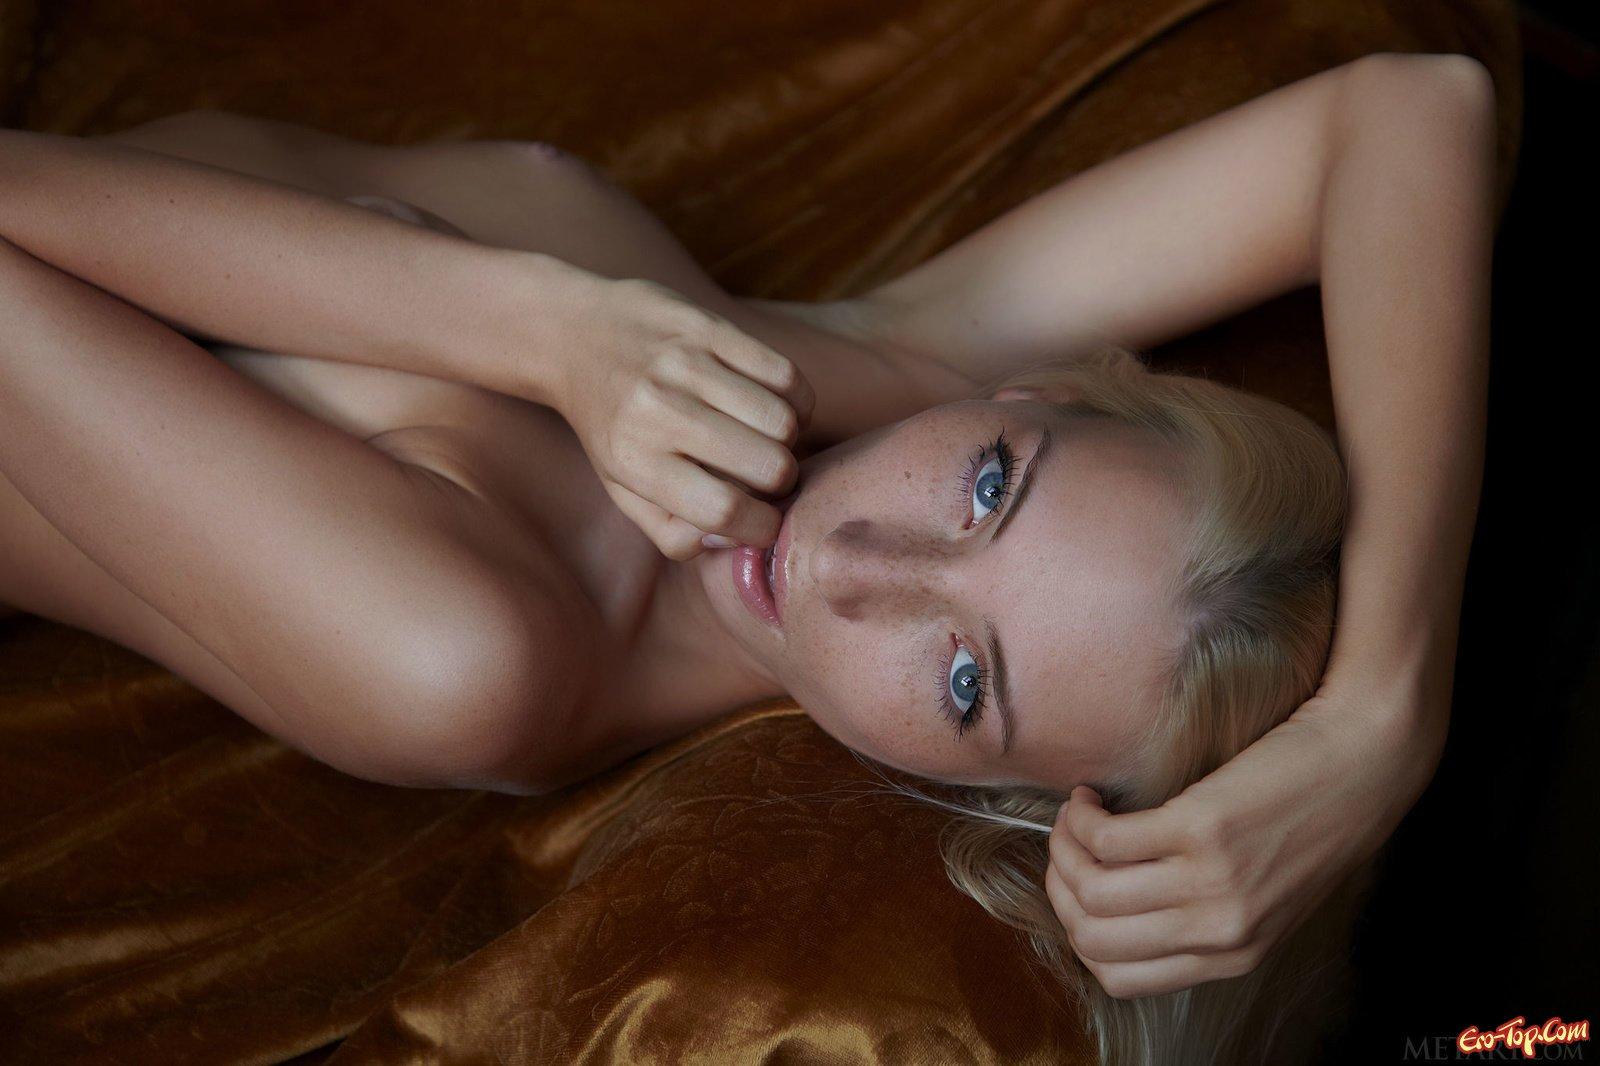 Блондиночка в веснушках лежит обнаженная на козетке секс фото